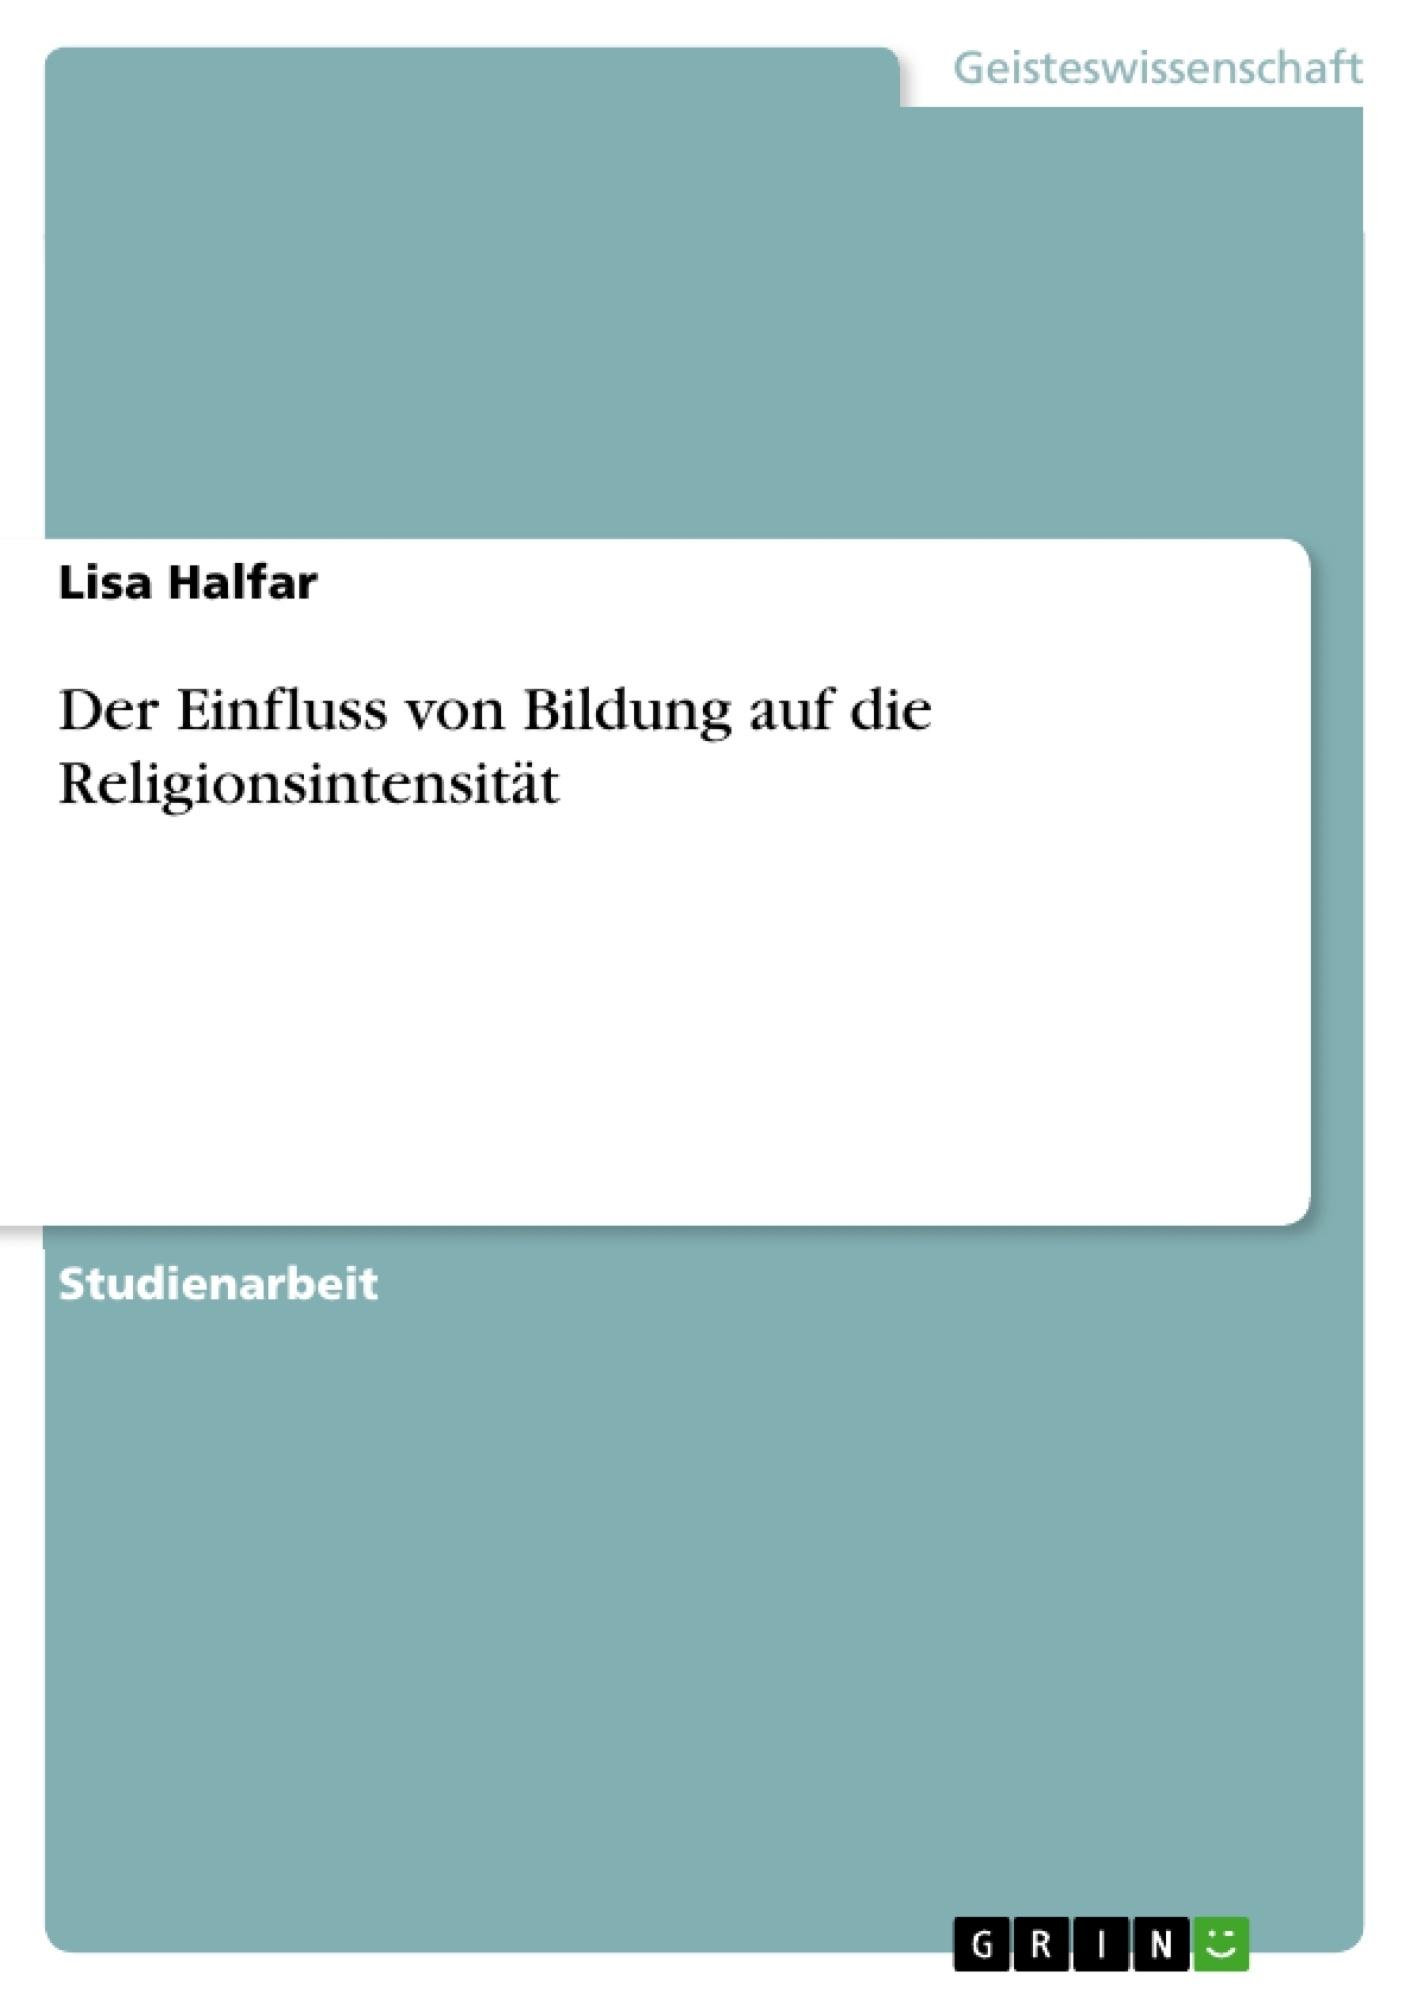 Titel: Der Einfluss von Bildung auf die Religionsintensität